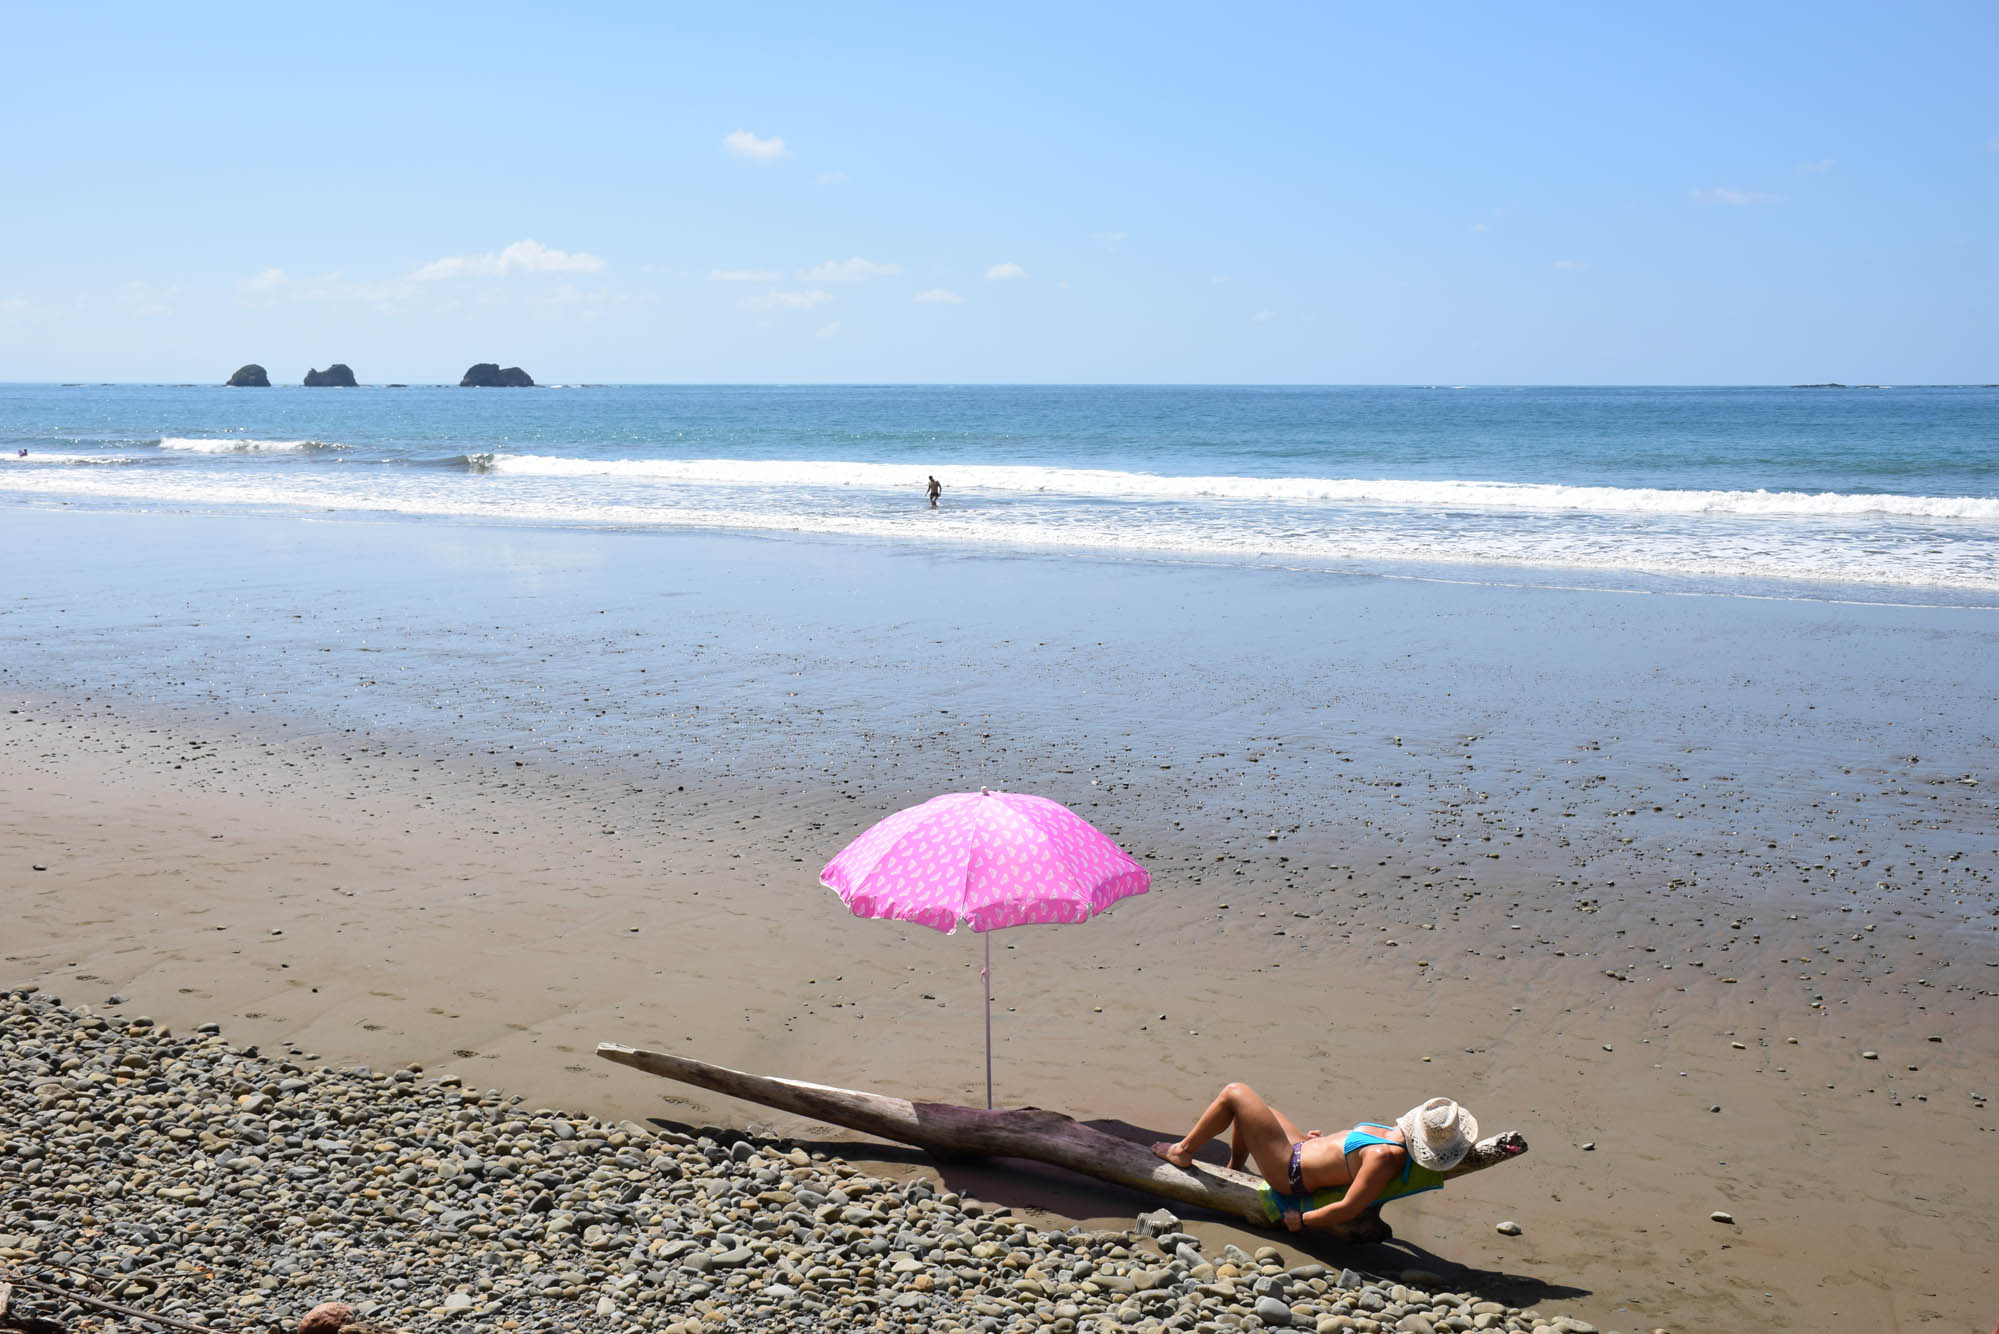 playa-ballena-uvita-costa-rica